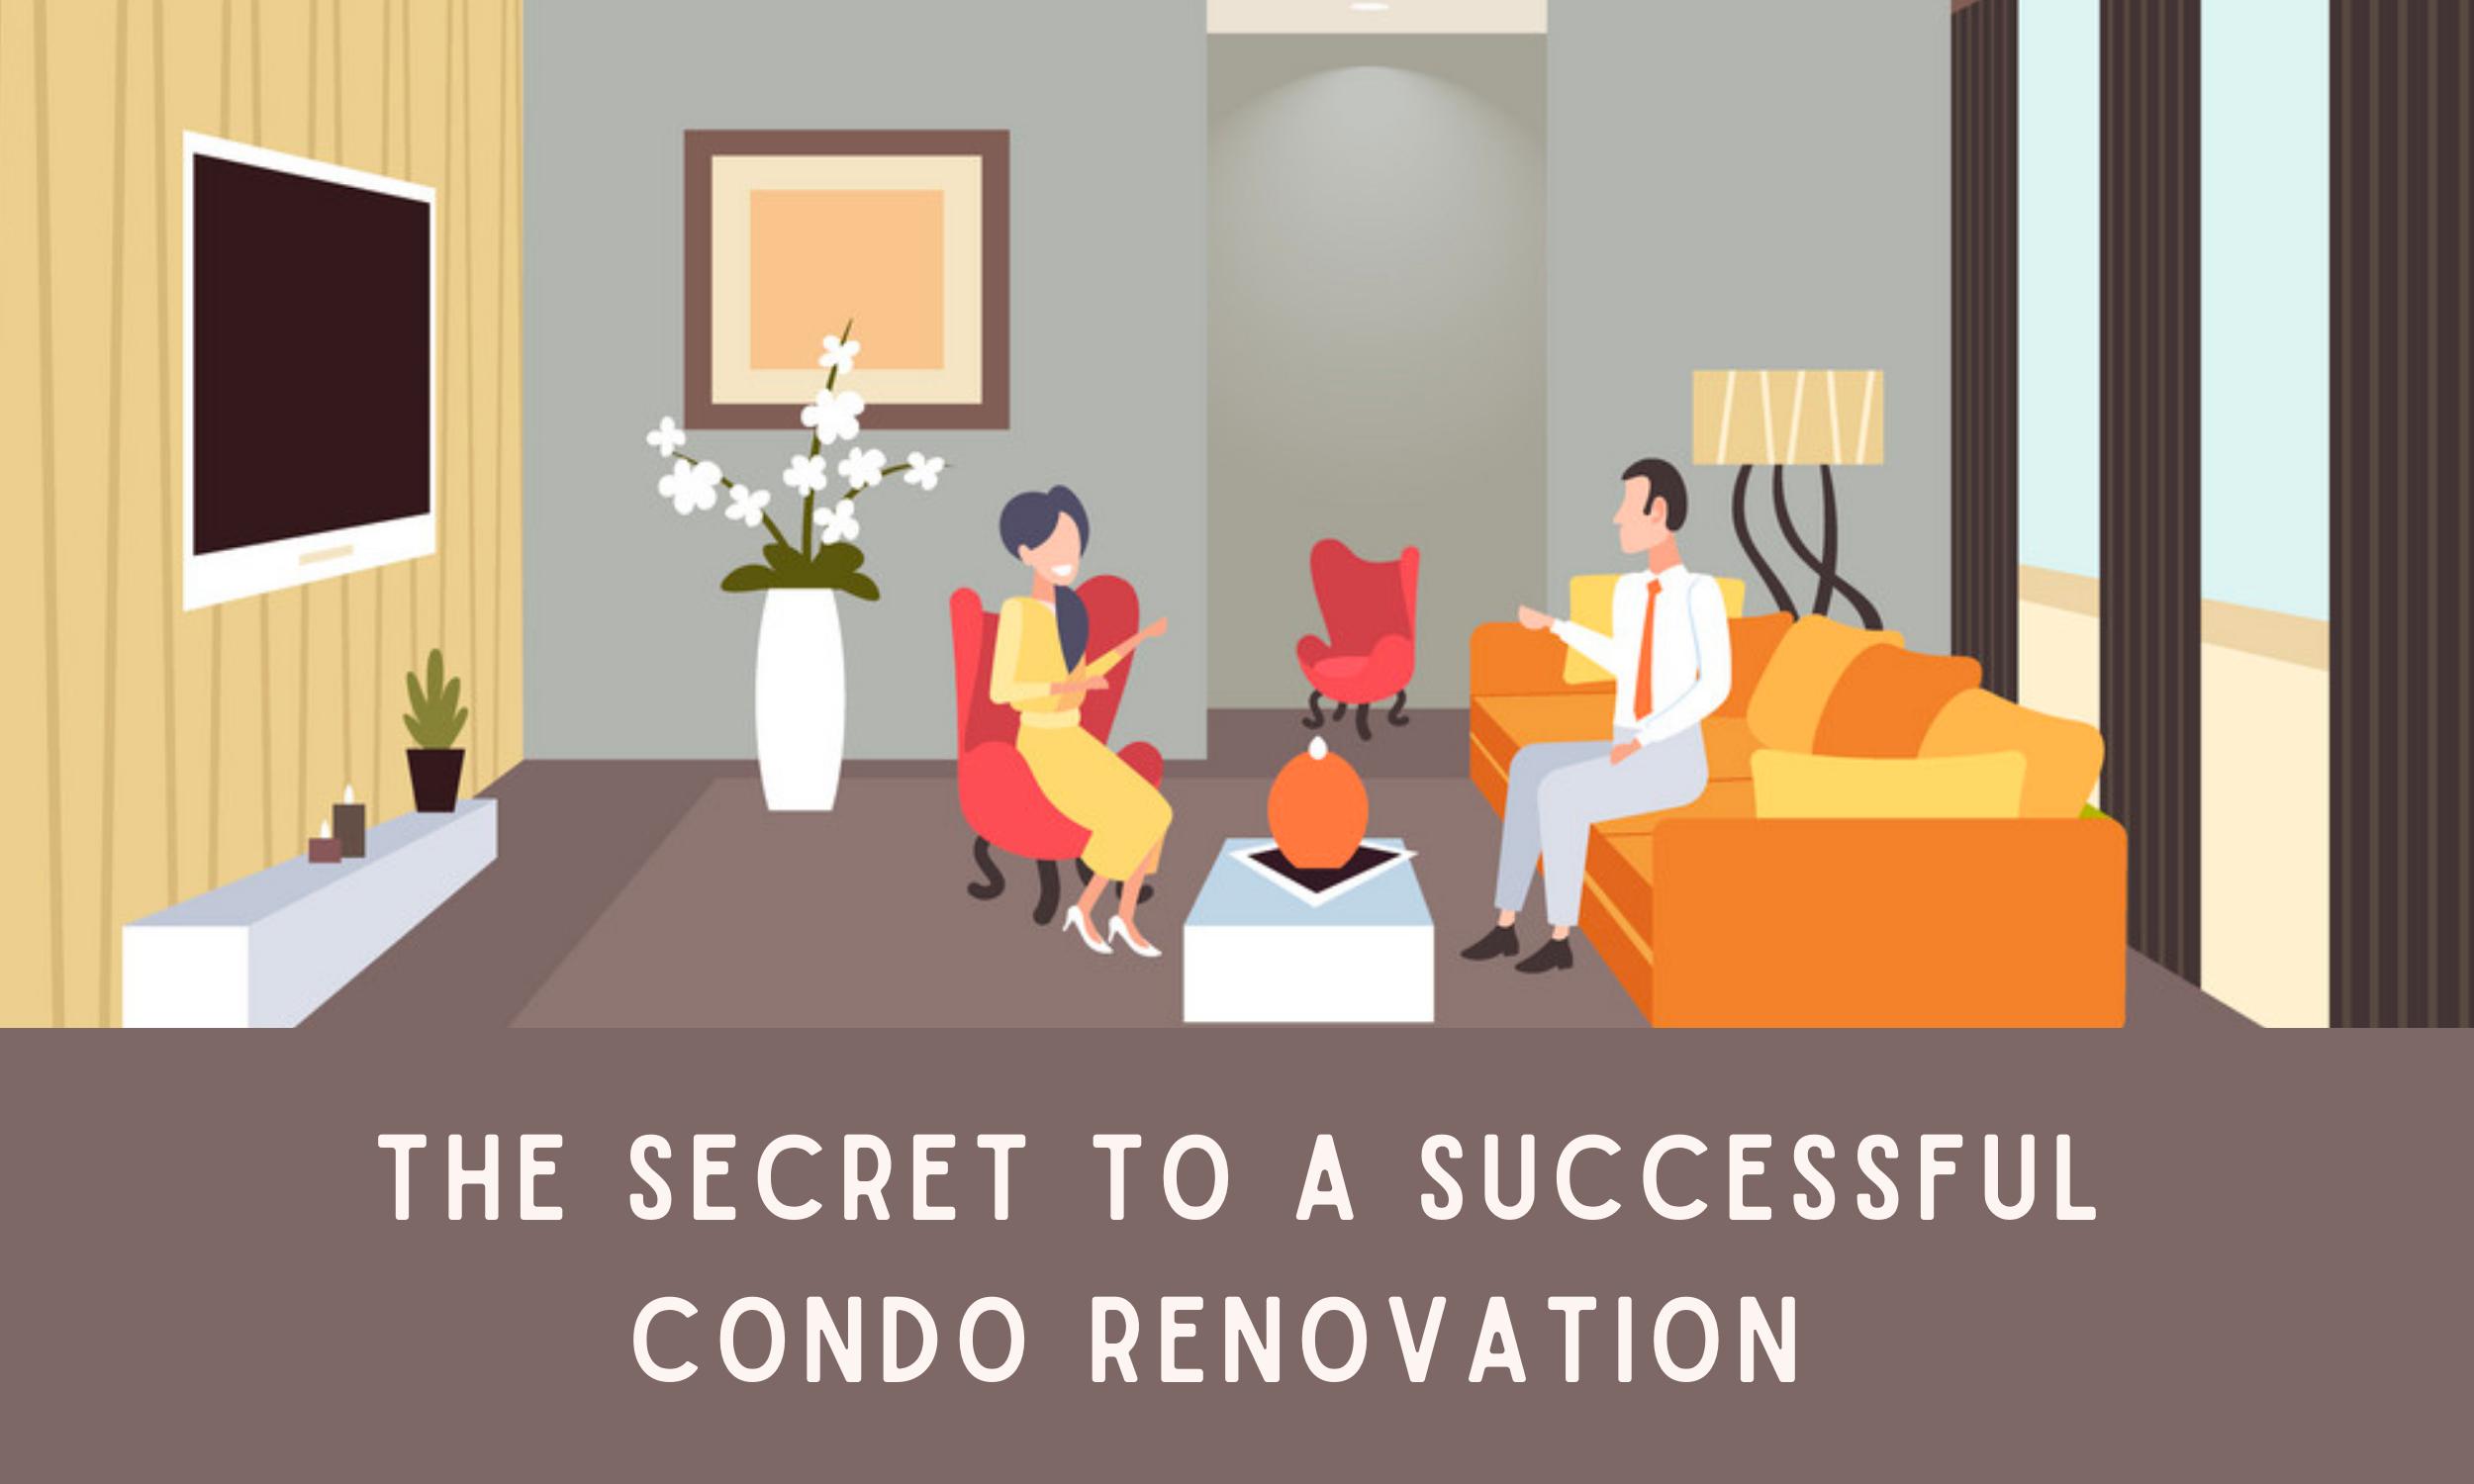 The-Secret-to-a-Successful-Condo-Renovation